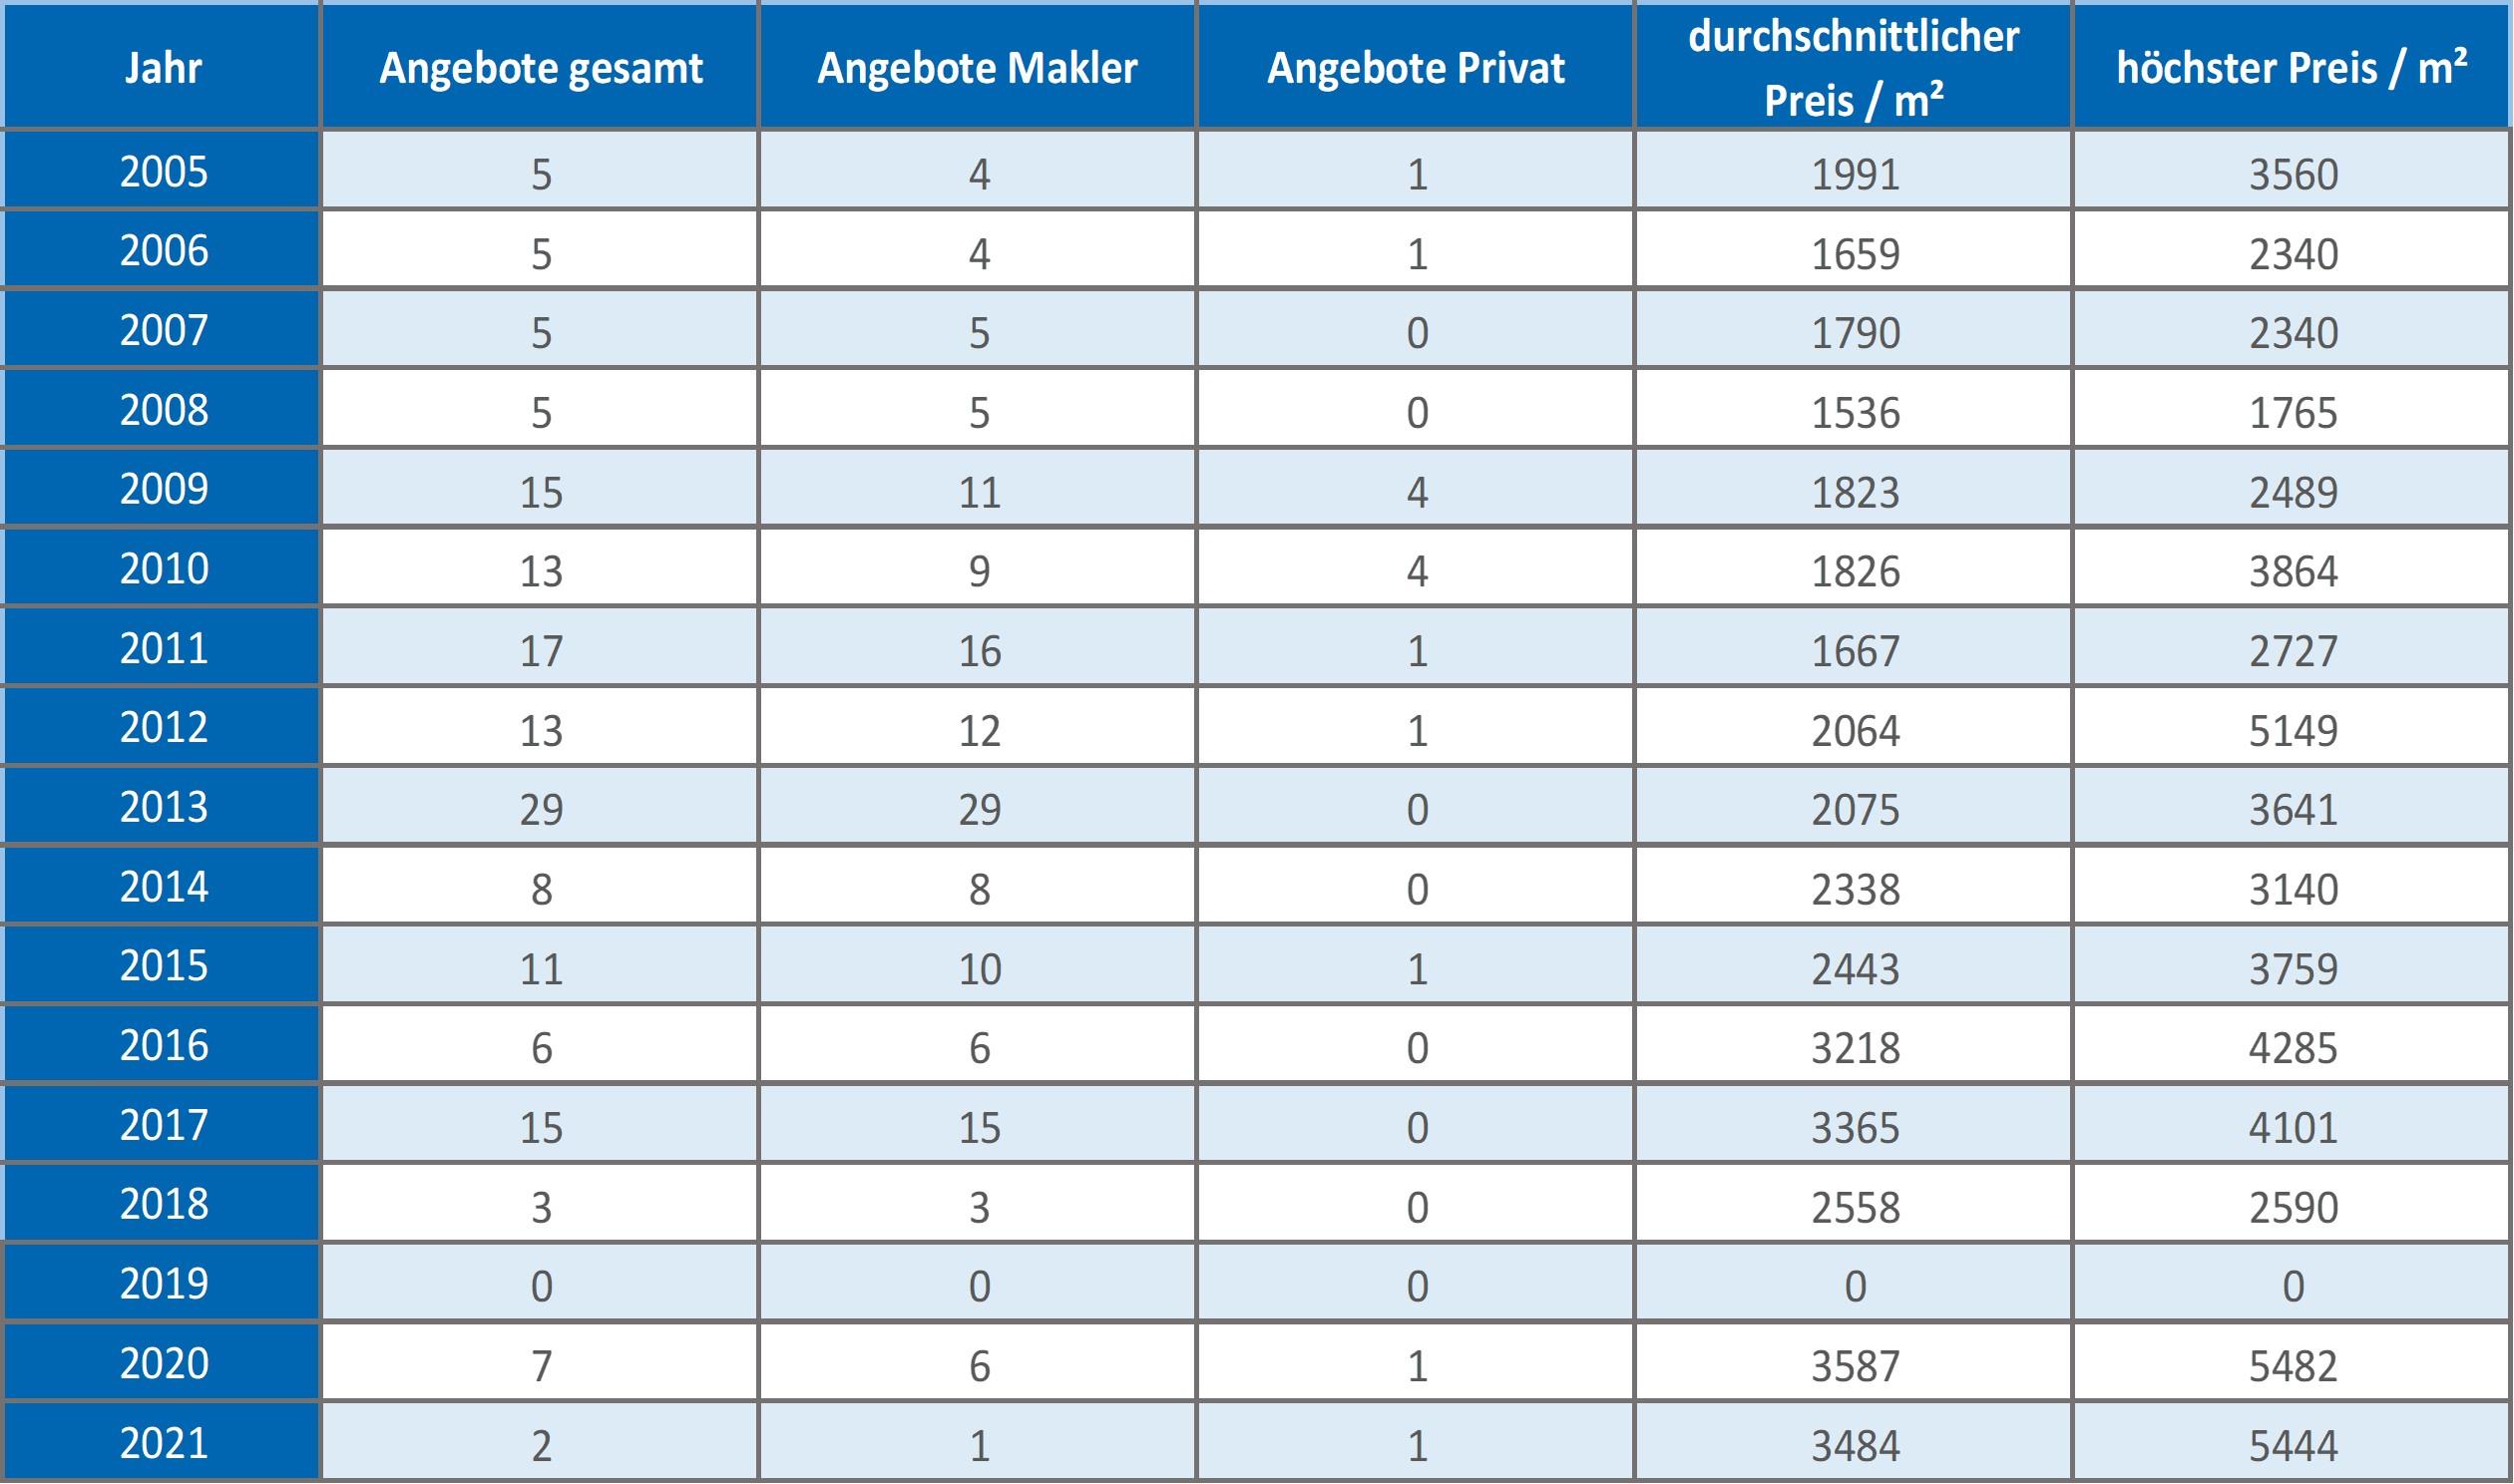 Bruckmühl-Mehrfamilienhaus-kaufen-verkaufen-Makler 2019 2020 2021